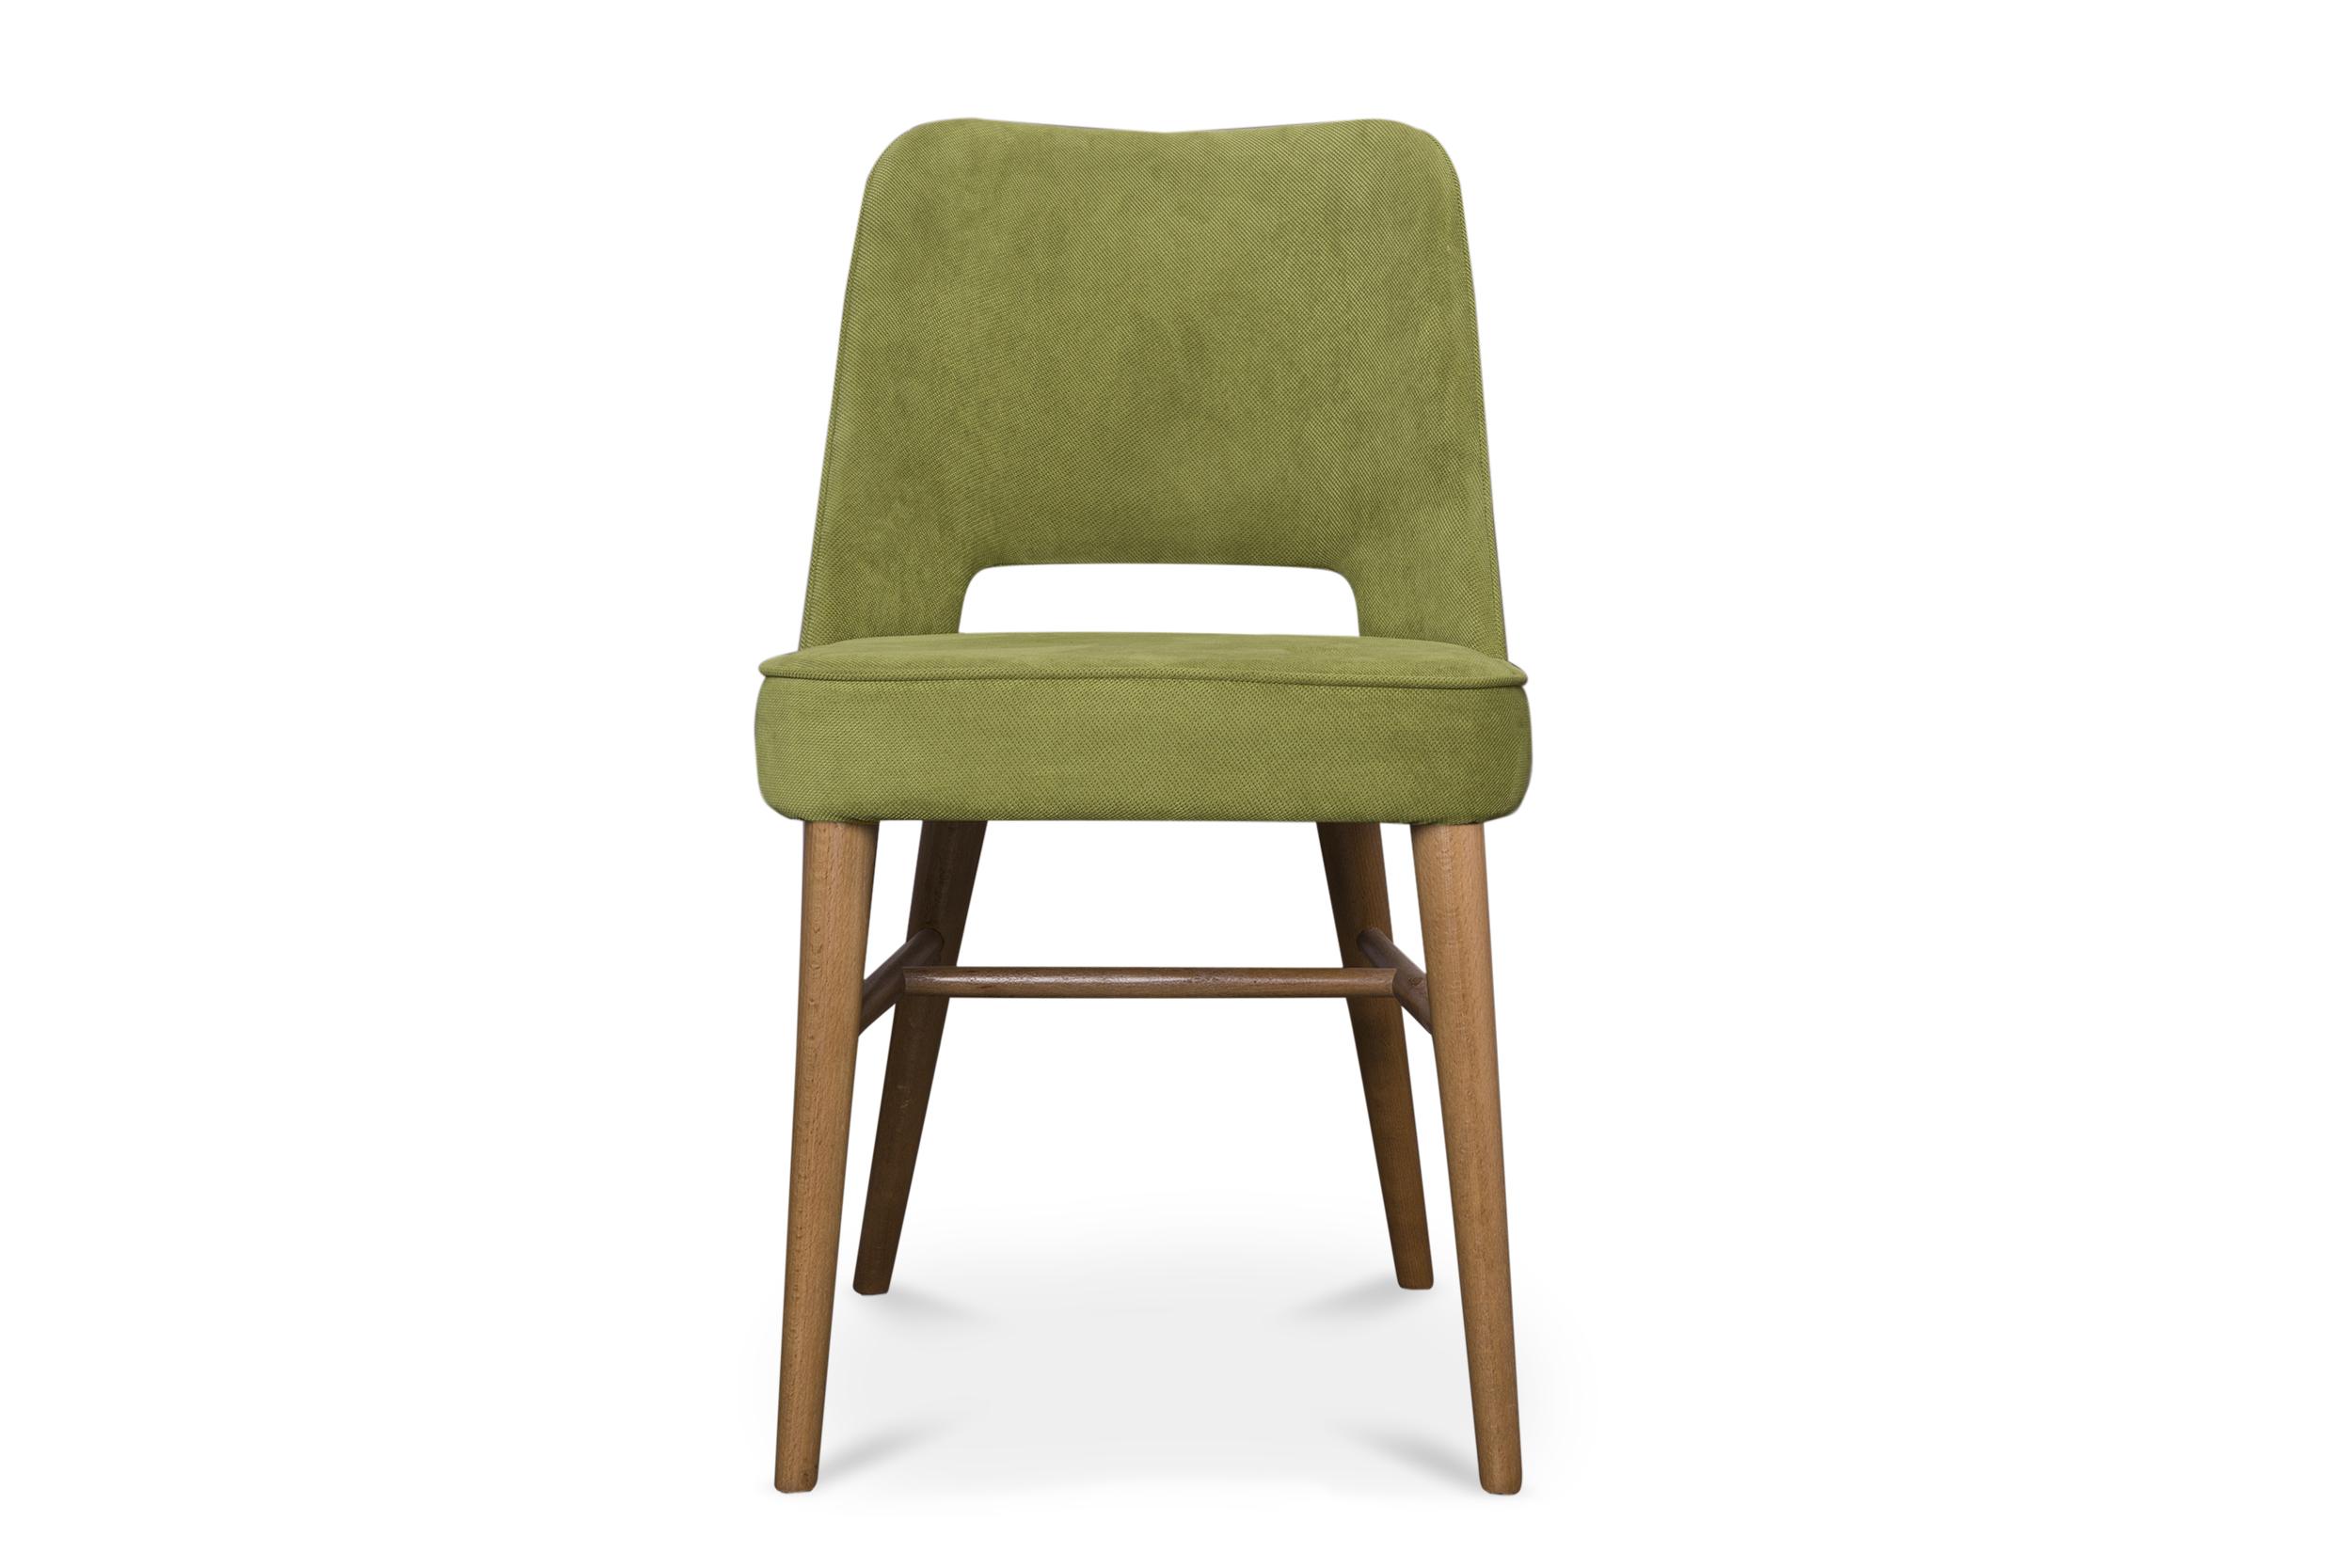 Стул AkselОбеденные стулья<br>Aksel взял лучшее из двух миров: крепкие материалы и выразительный дизайн в стиле &amp;quot;hygge&amp;quot;.&amp;lt;div&amp;gt;Гладкий проем между мягким сидением и усиленной спинкой добавляет необходимый штрих традиционной форме, &amp;amp;nbsp;а выносливая обивка и ореховый каркас сослужат вам хорошую службу,&amp;lt;div&amp;gt;&amp;lt;/div&amp;gt;&amp;lt;/div&amp;gt;&amp;lt;div&amp;gt;&amp;lt;br&amp;gt;&amp;lt;/div&amp;gt;&amp;lt;div&amp;gt;Высота сидения: 48 см.&amp;lt;br&amp;gt;&amp;lt;/div&amp;gt;<br><br>Material: Текстиль<br>Ширина см: 46<br>Высота см: 82<br>Глубина см: 50